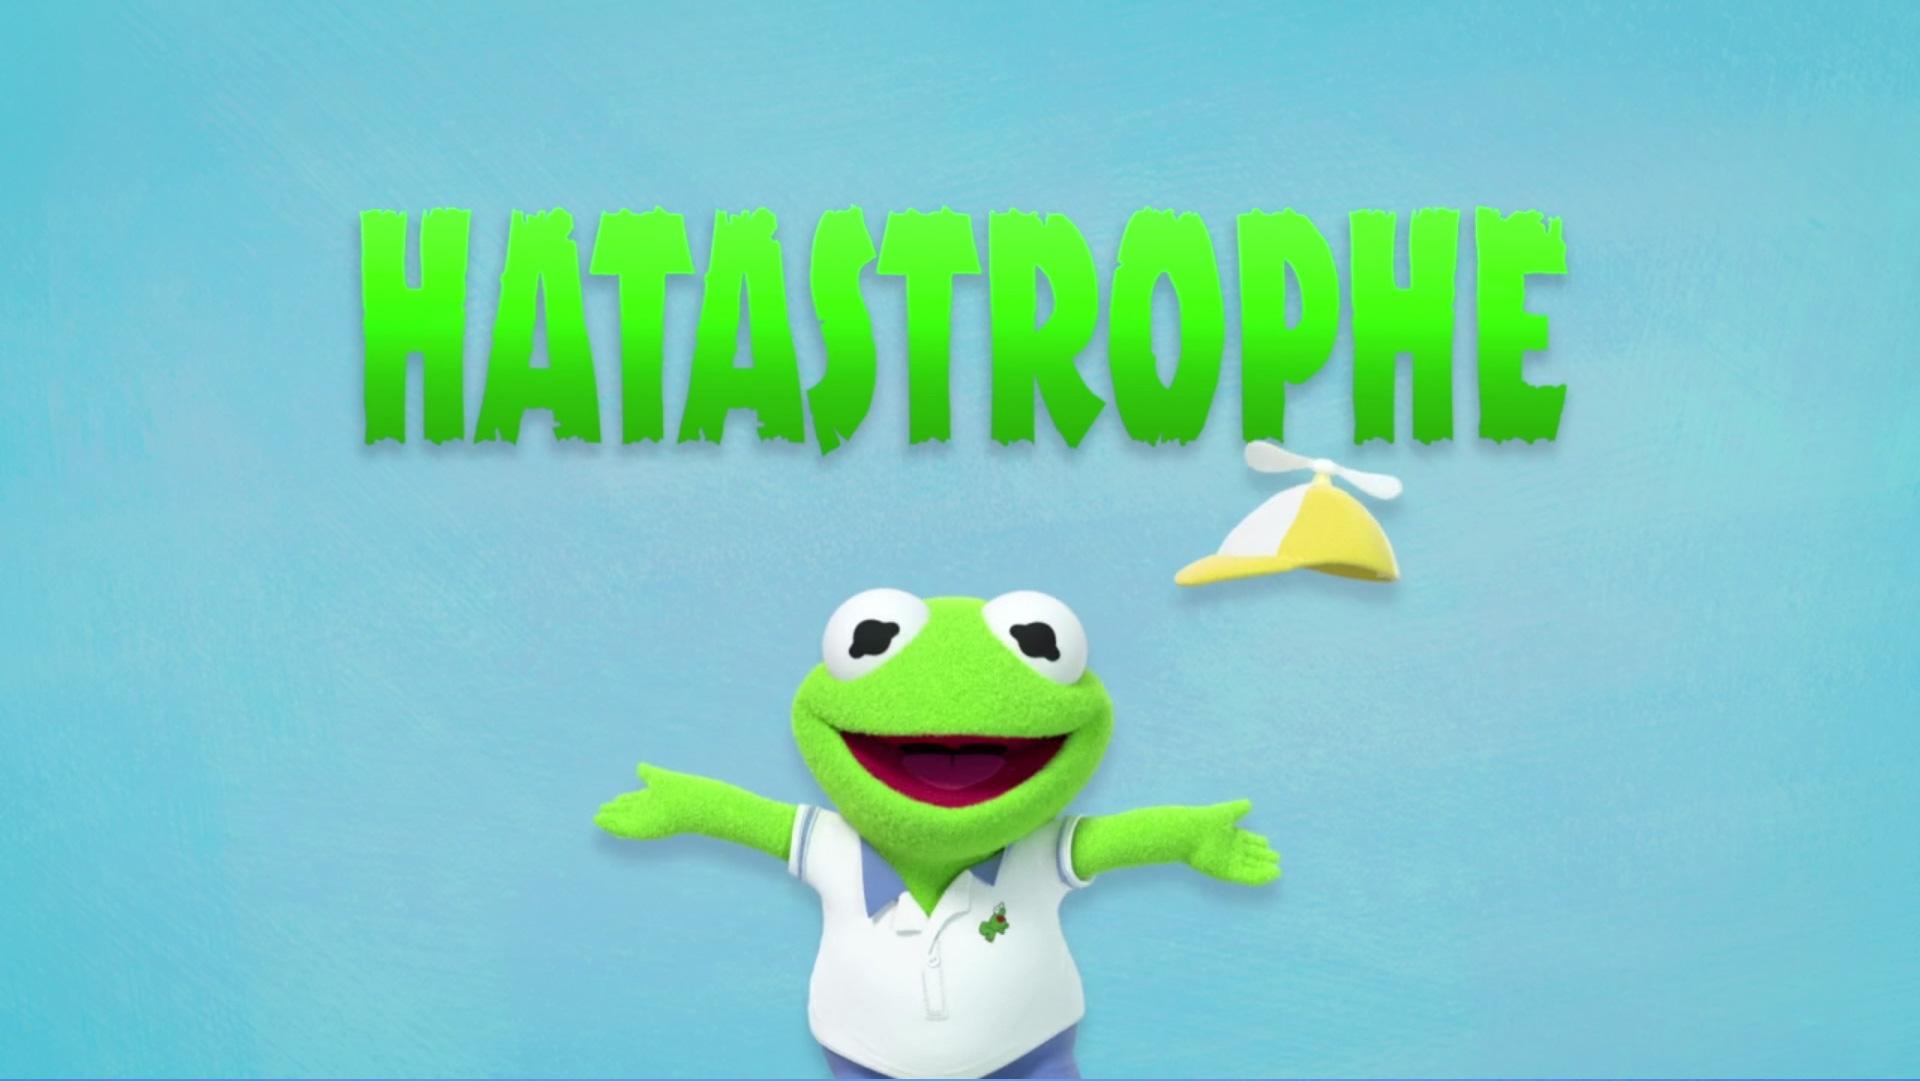 Hatastrophe Disney Wiki Fandom Powered By Wikia